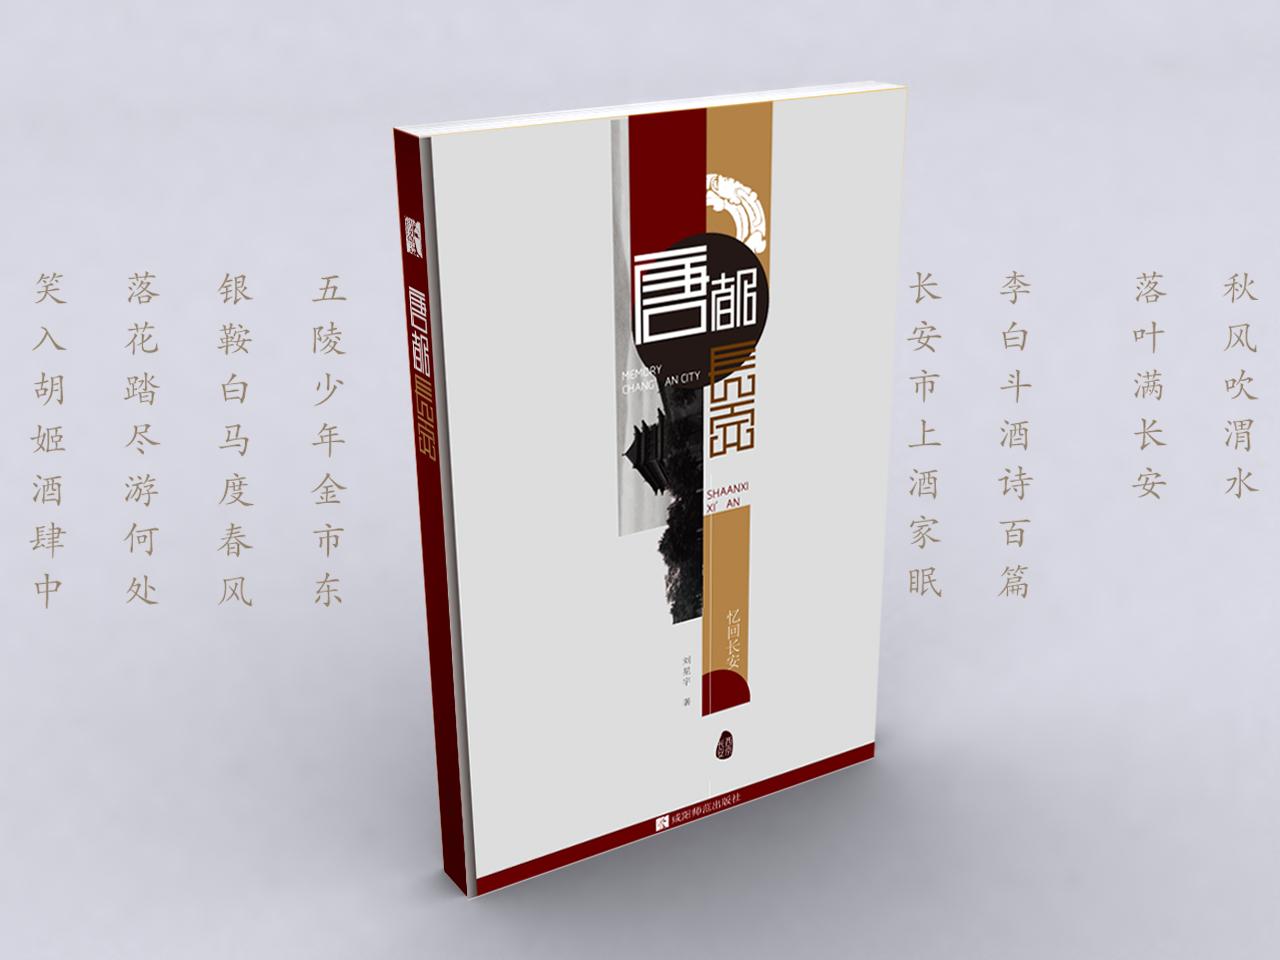 书籍包装图片